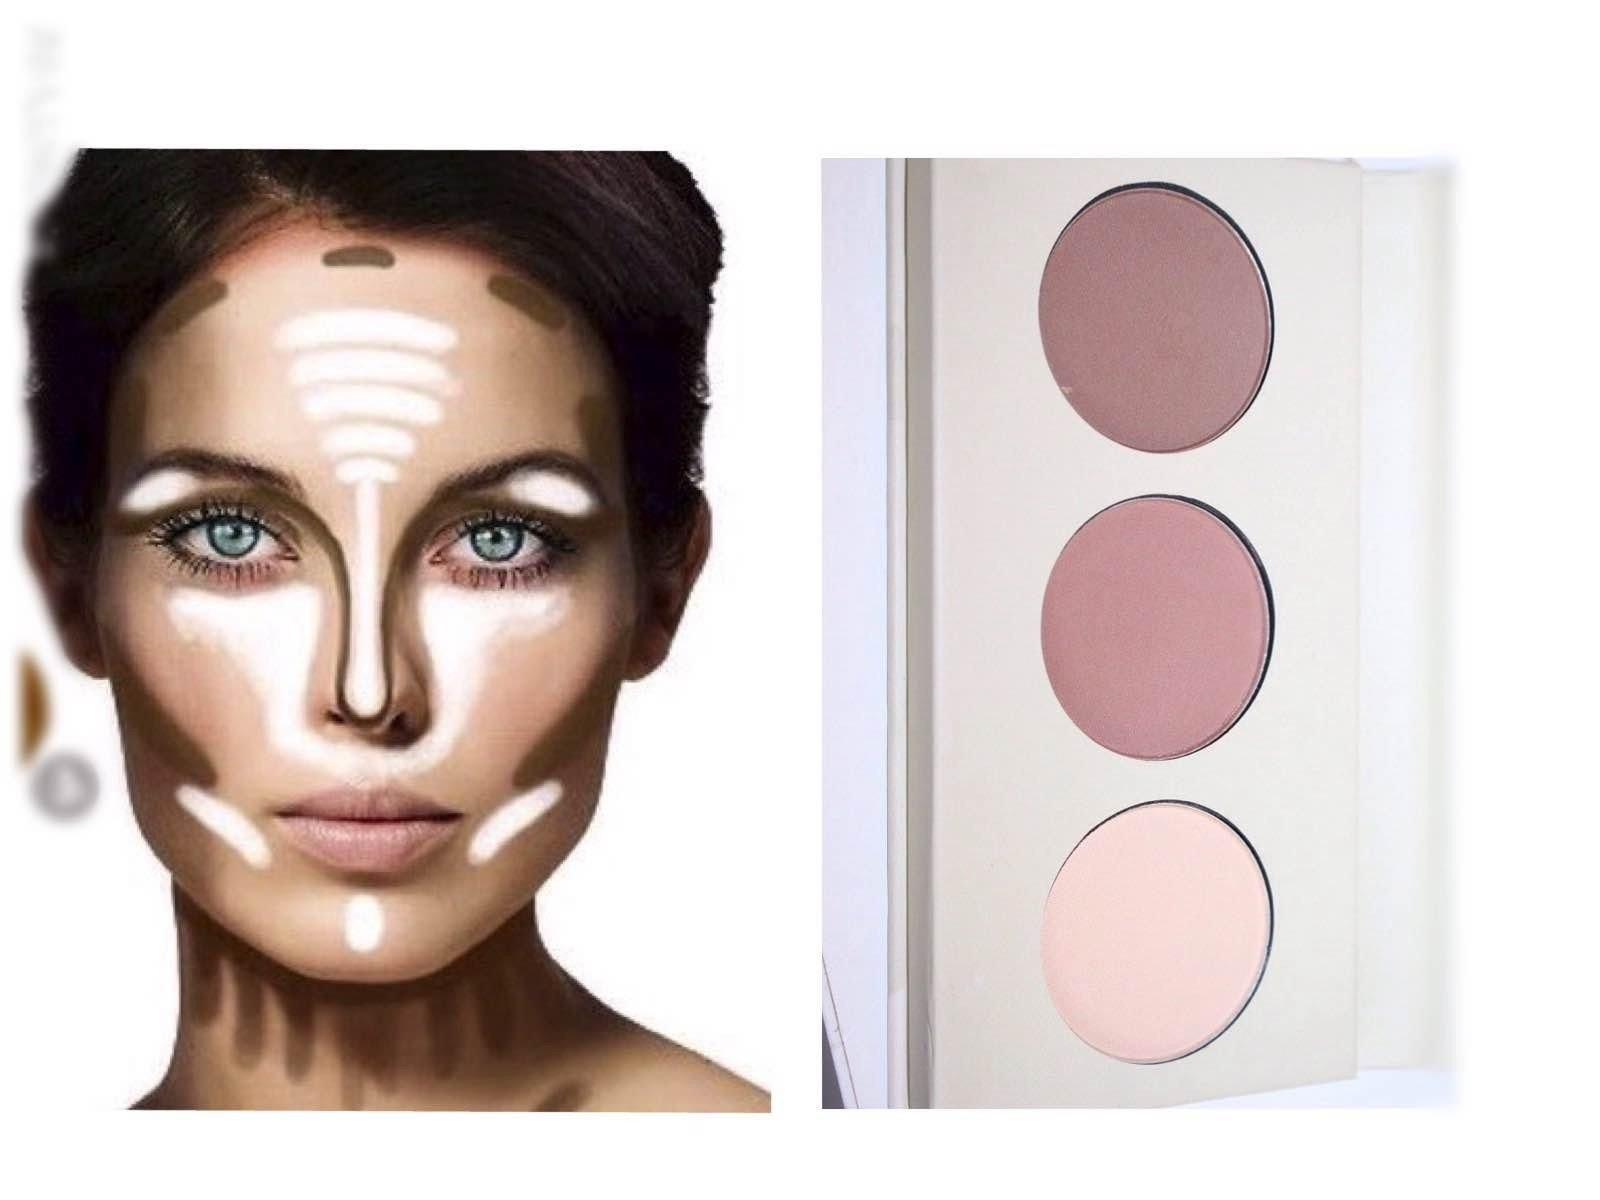 Gesichtscontour - gestalten Sie ihr Gesicht um